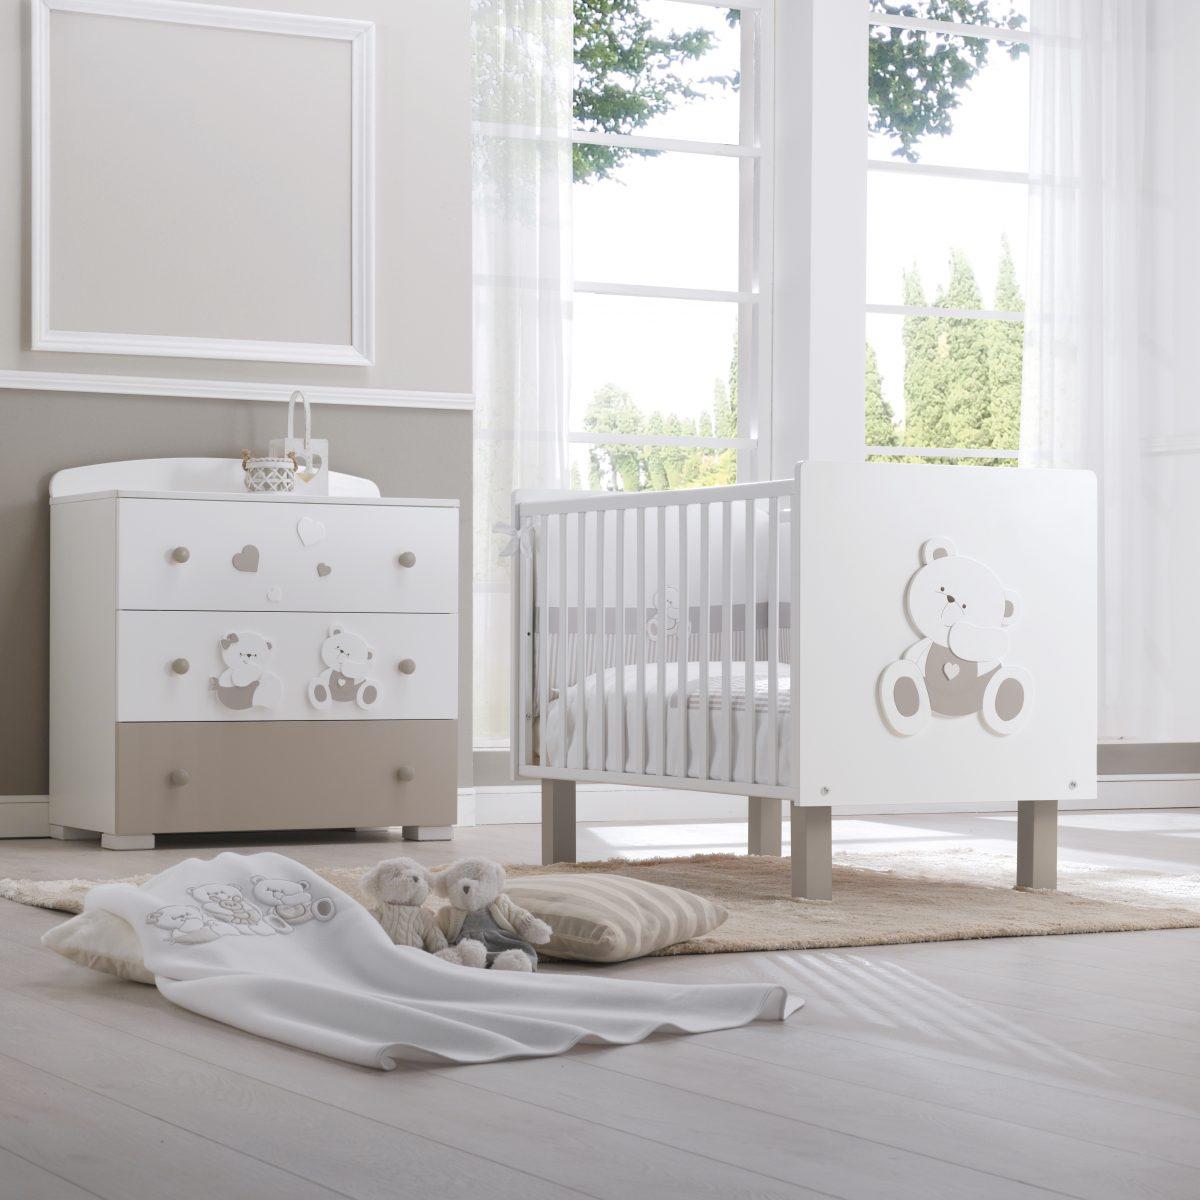 luxusní dětský nábytek - designový pokojíček Mirty